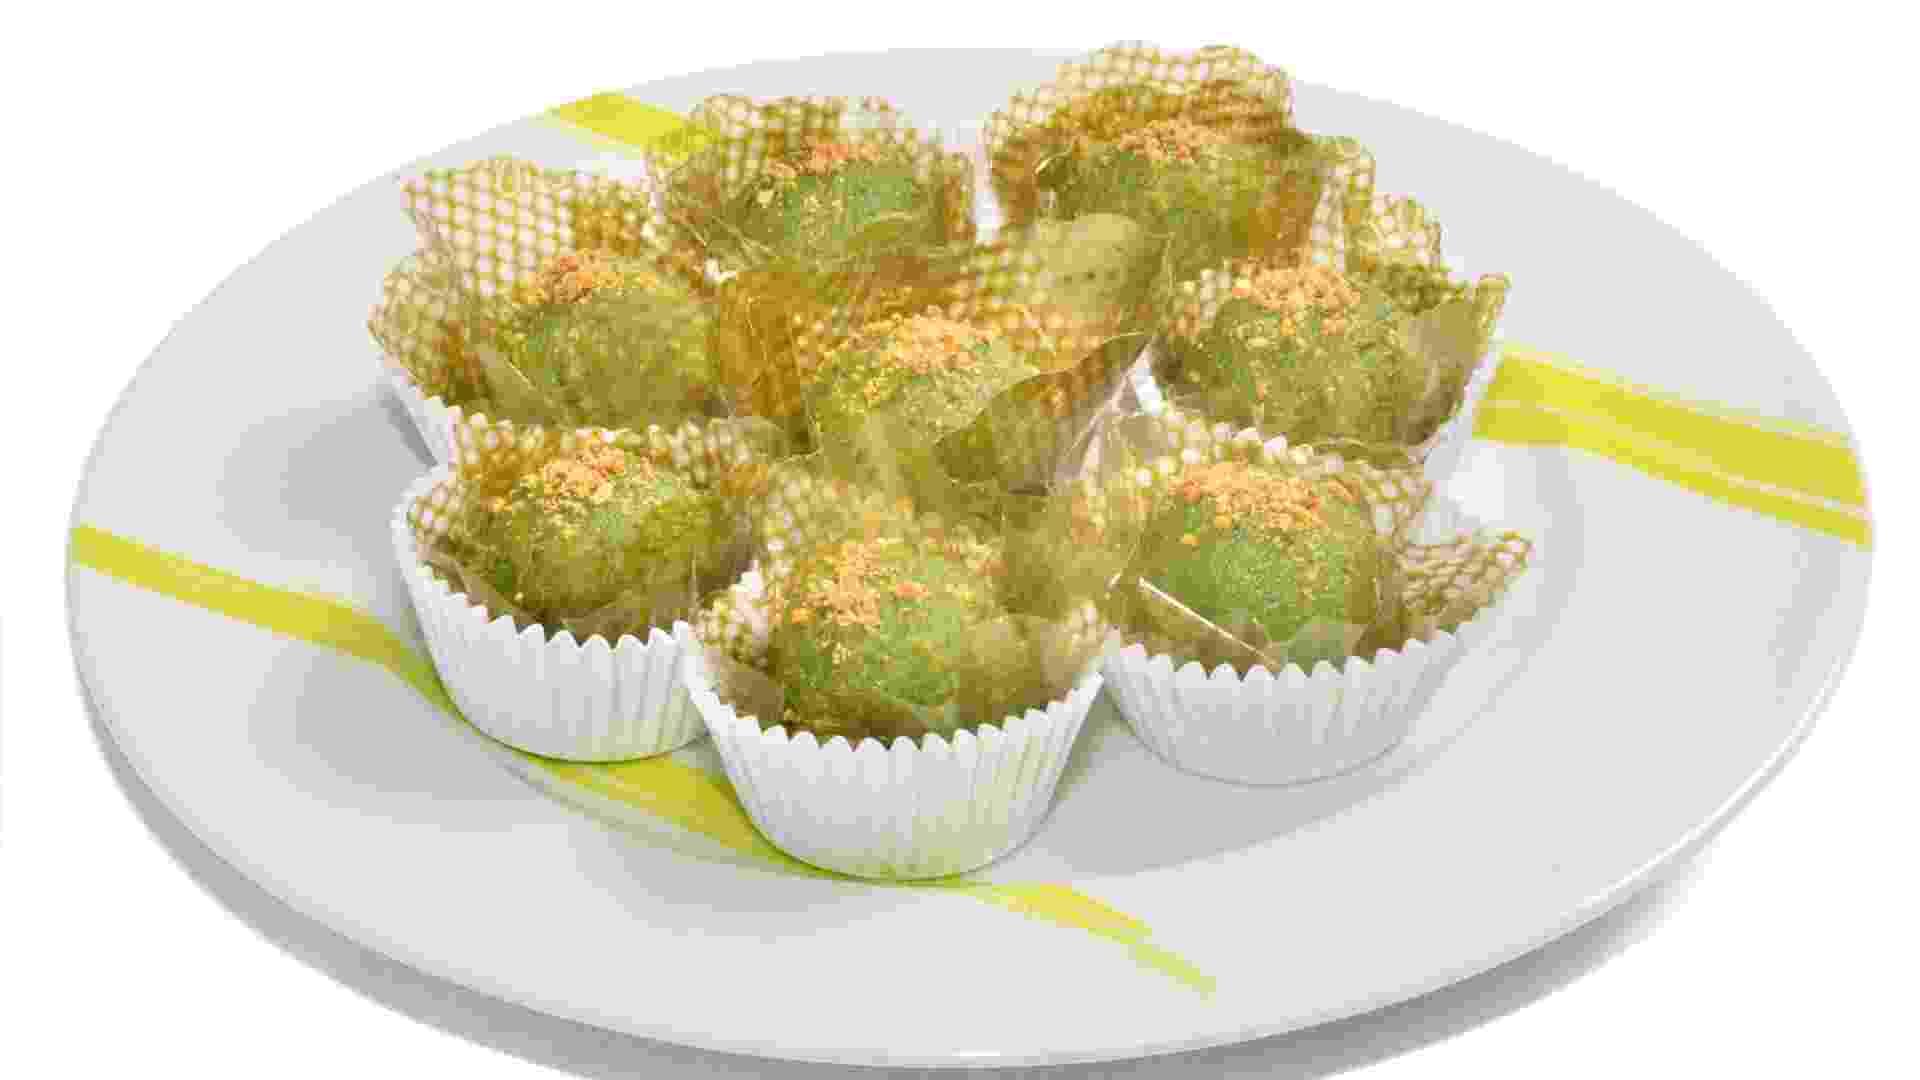 Docinho verde  do Livro 50 receitas nutritivas com frutas e hortaliças do Programa Alimente-se Bem do SESI - Divulgação